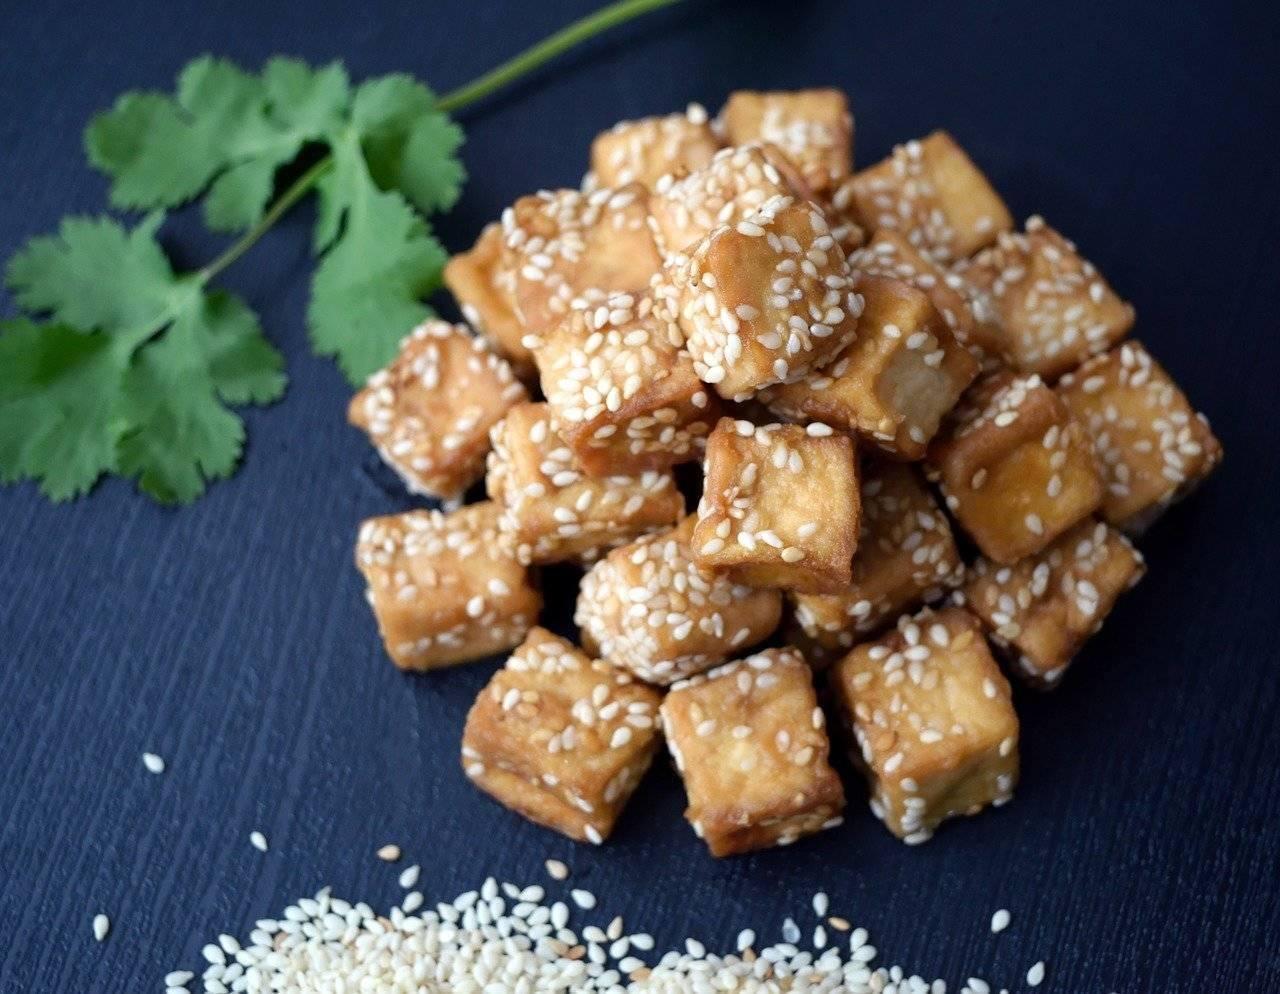 Descubre todos los beneficios del tofu